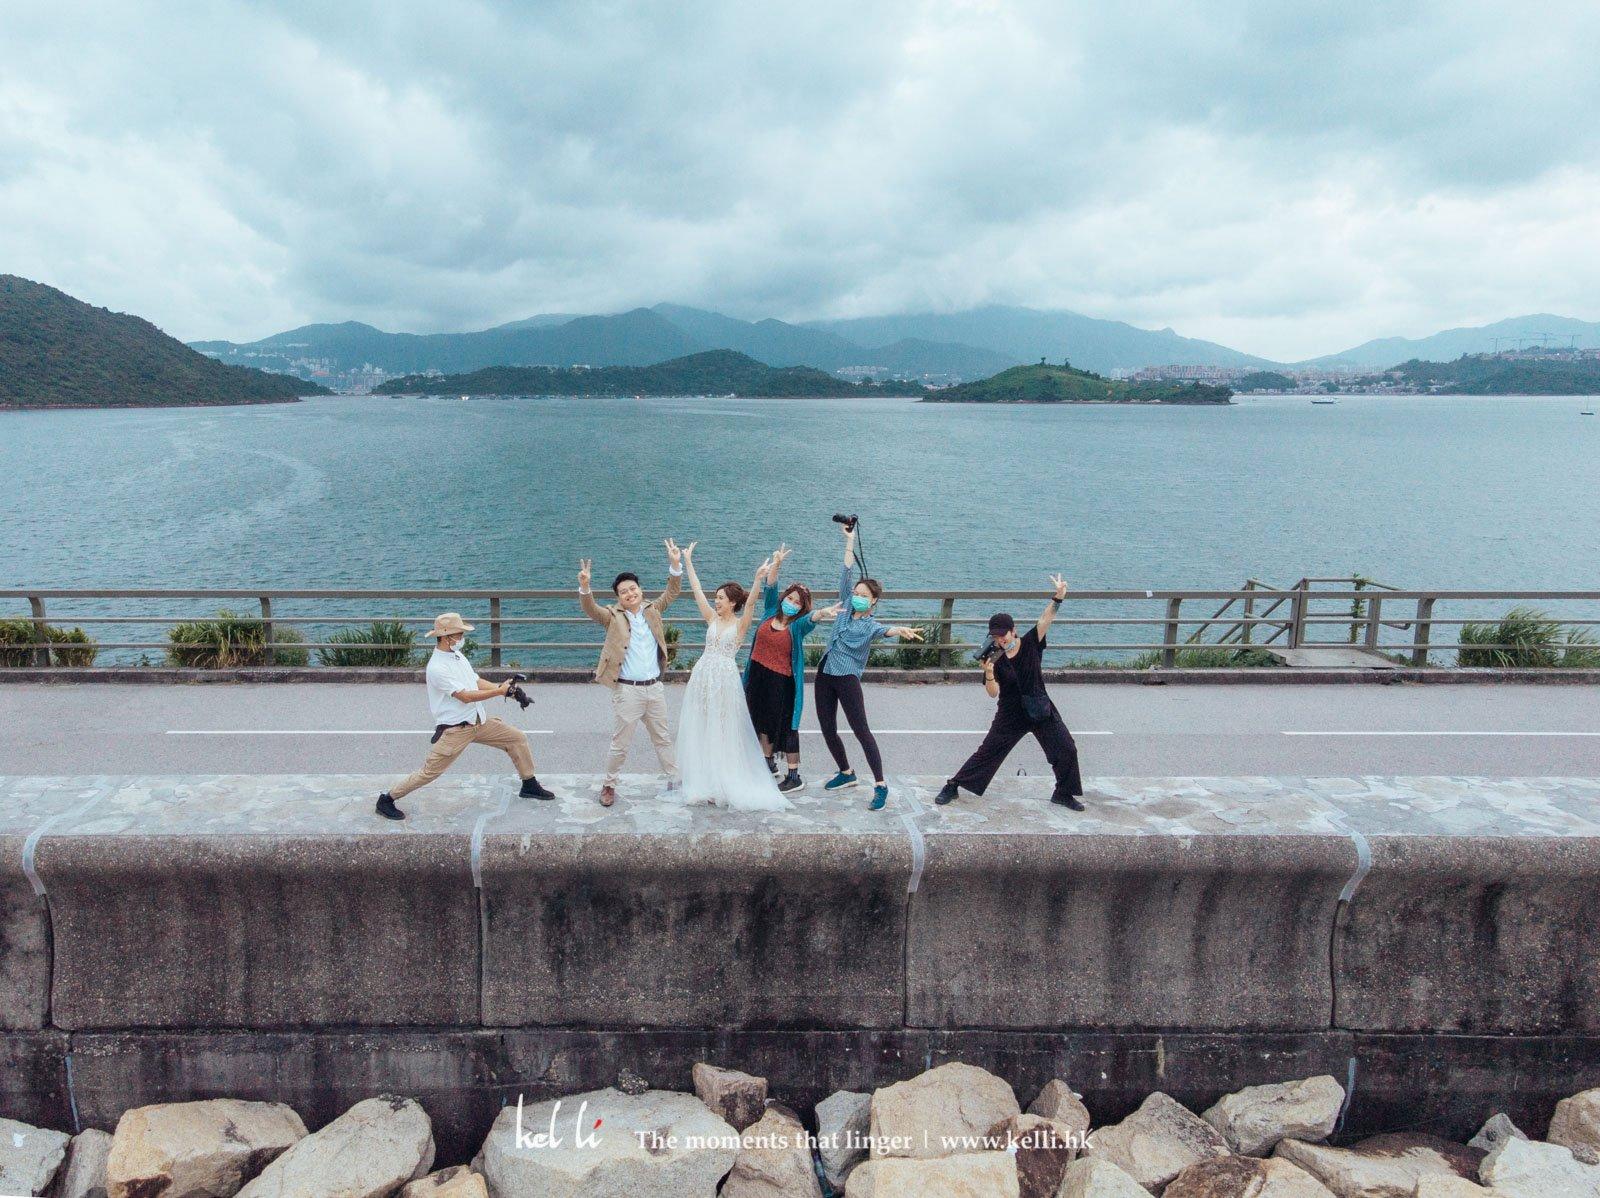 婚紗攝影下半場完結,一齊比yeah!